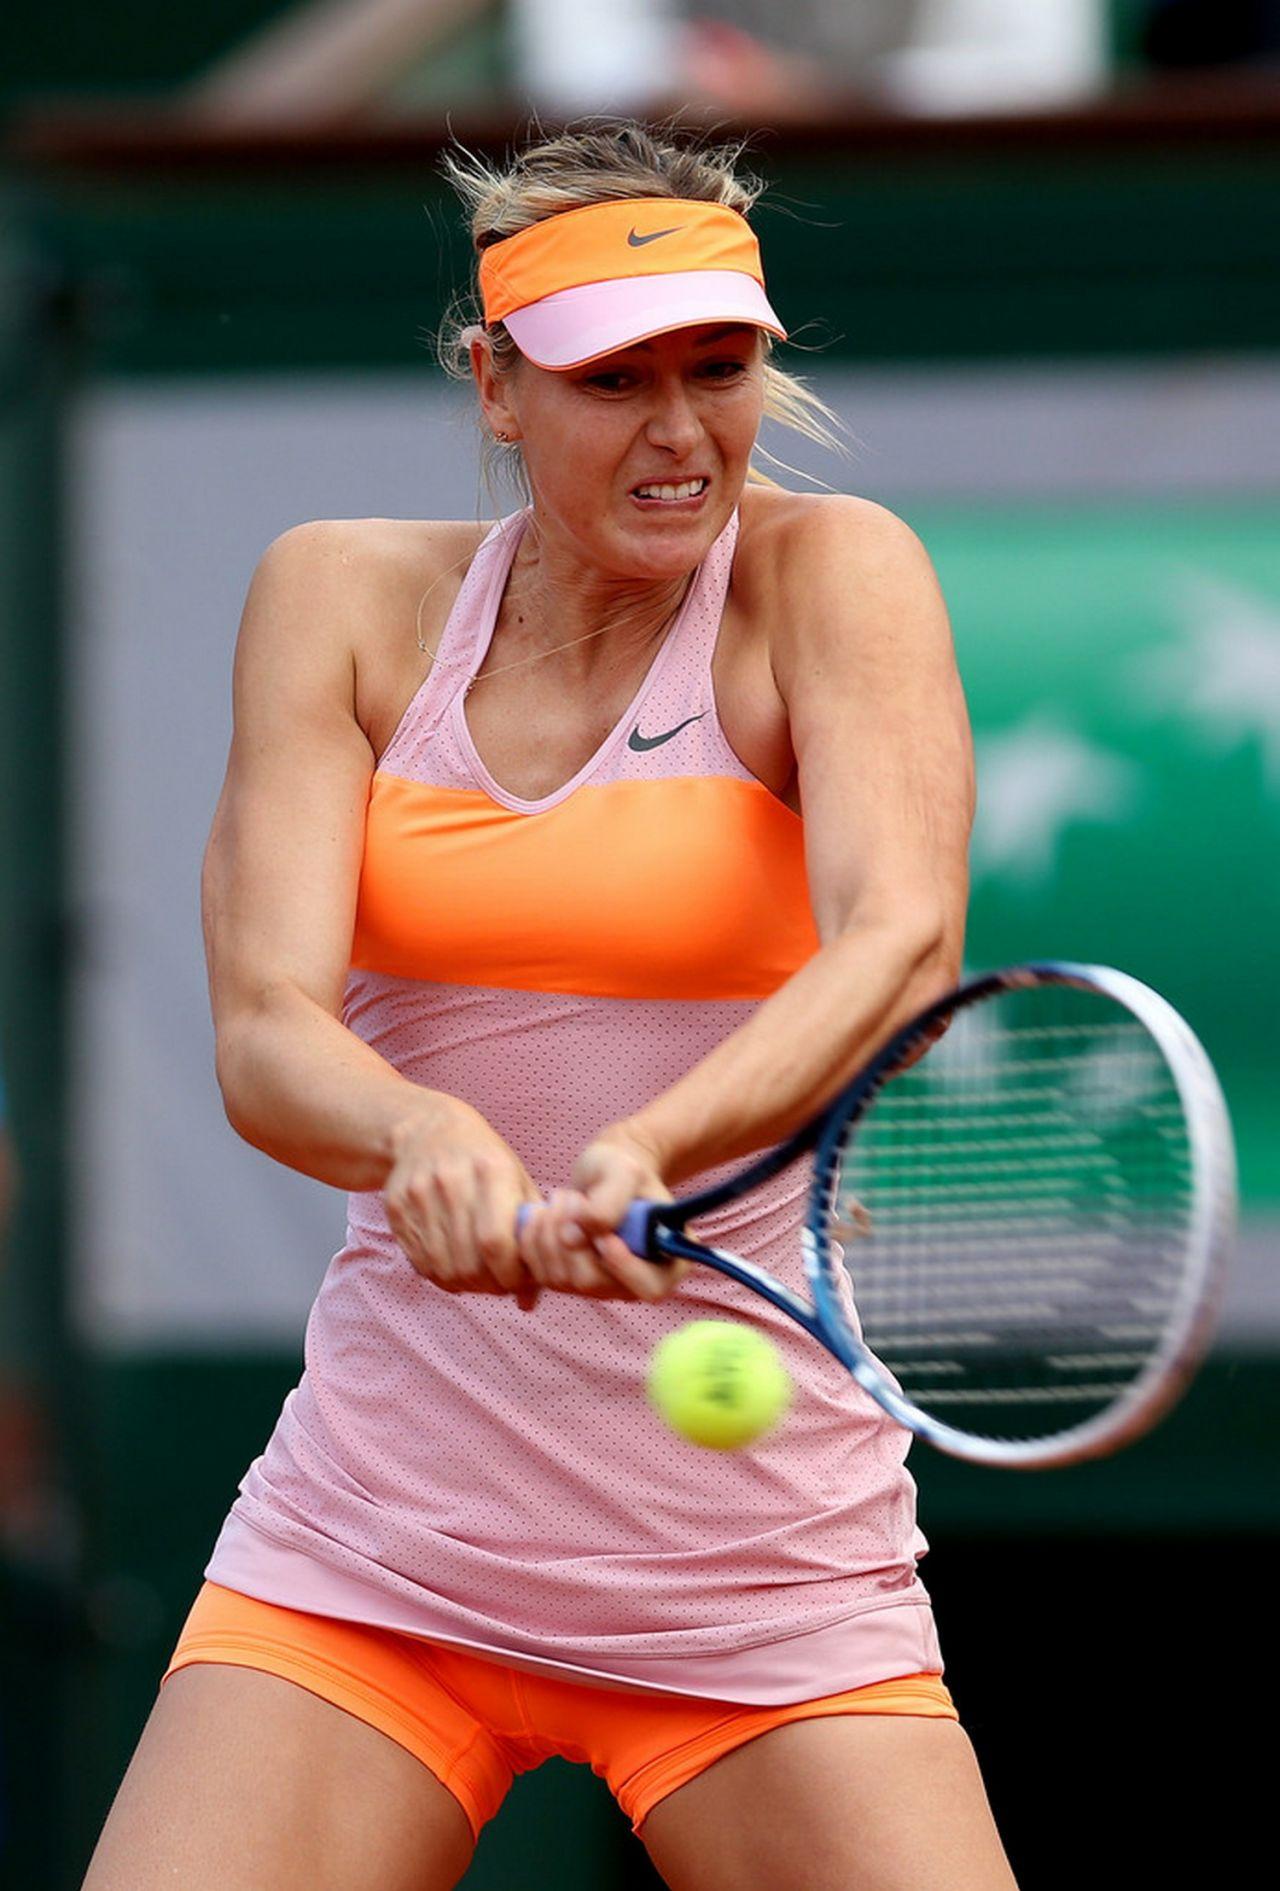 Maria Sharapova 2014 French Open At Roland Garros 3rd